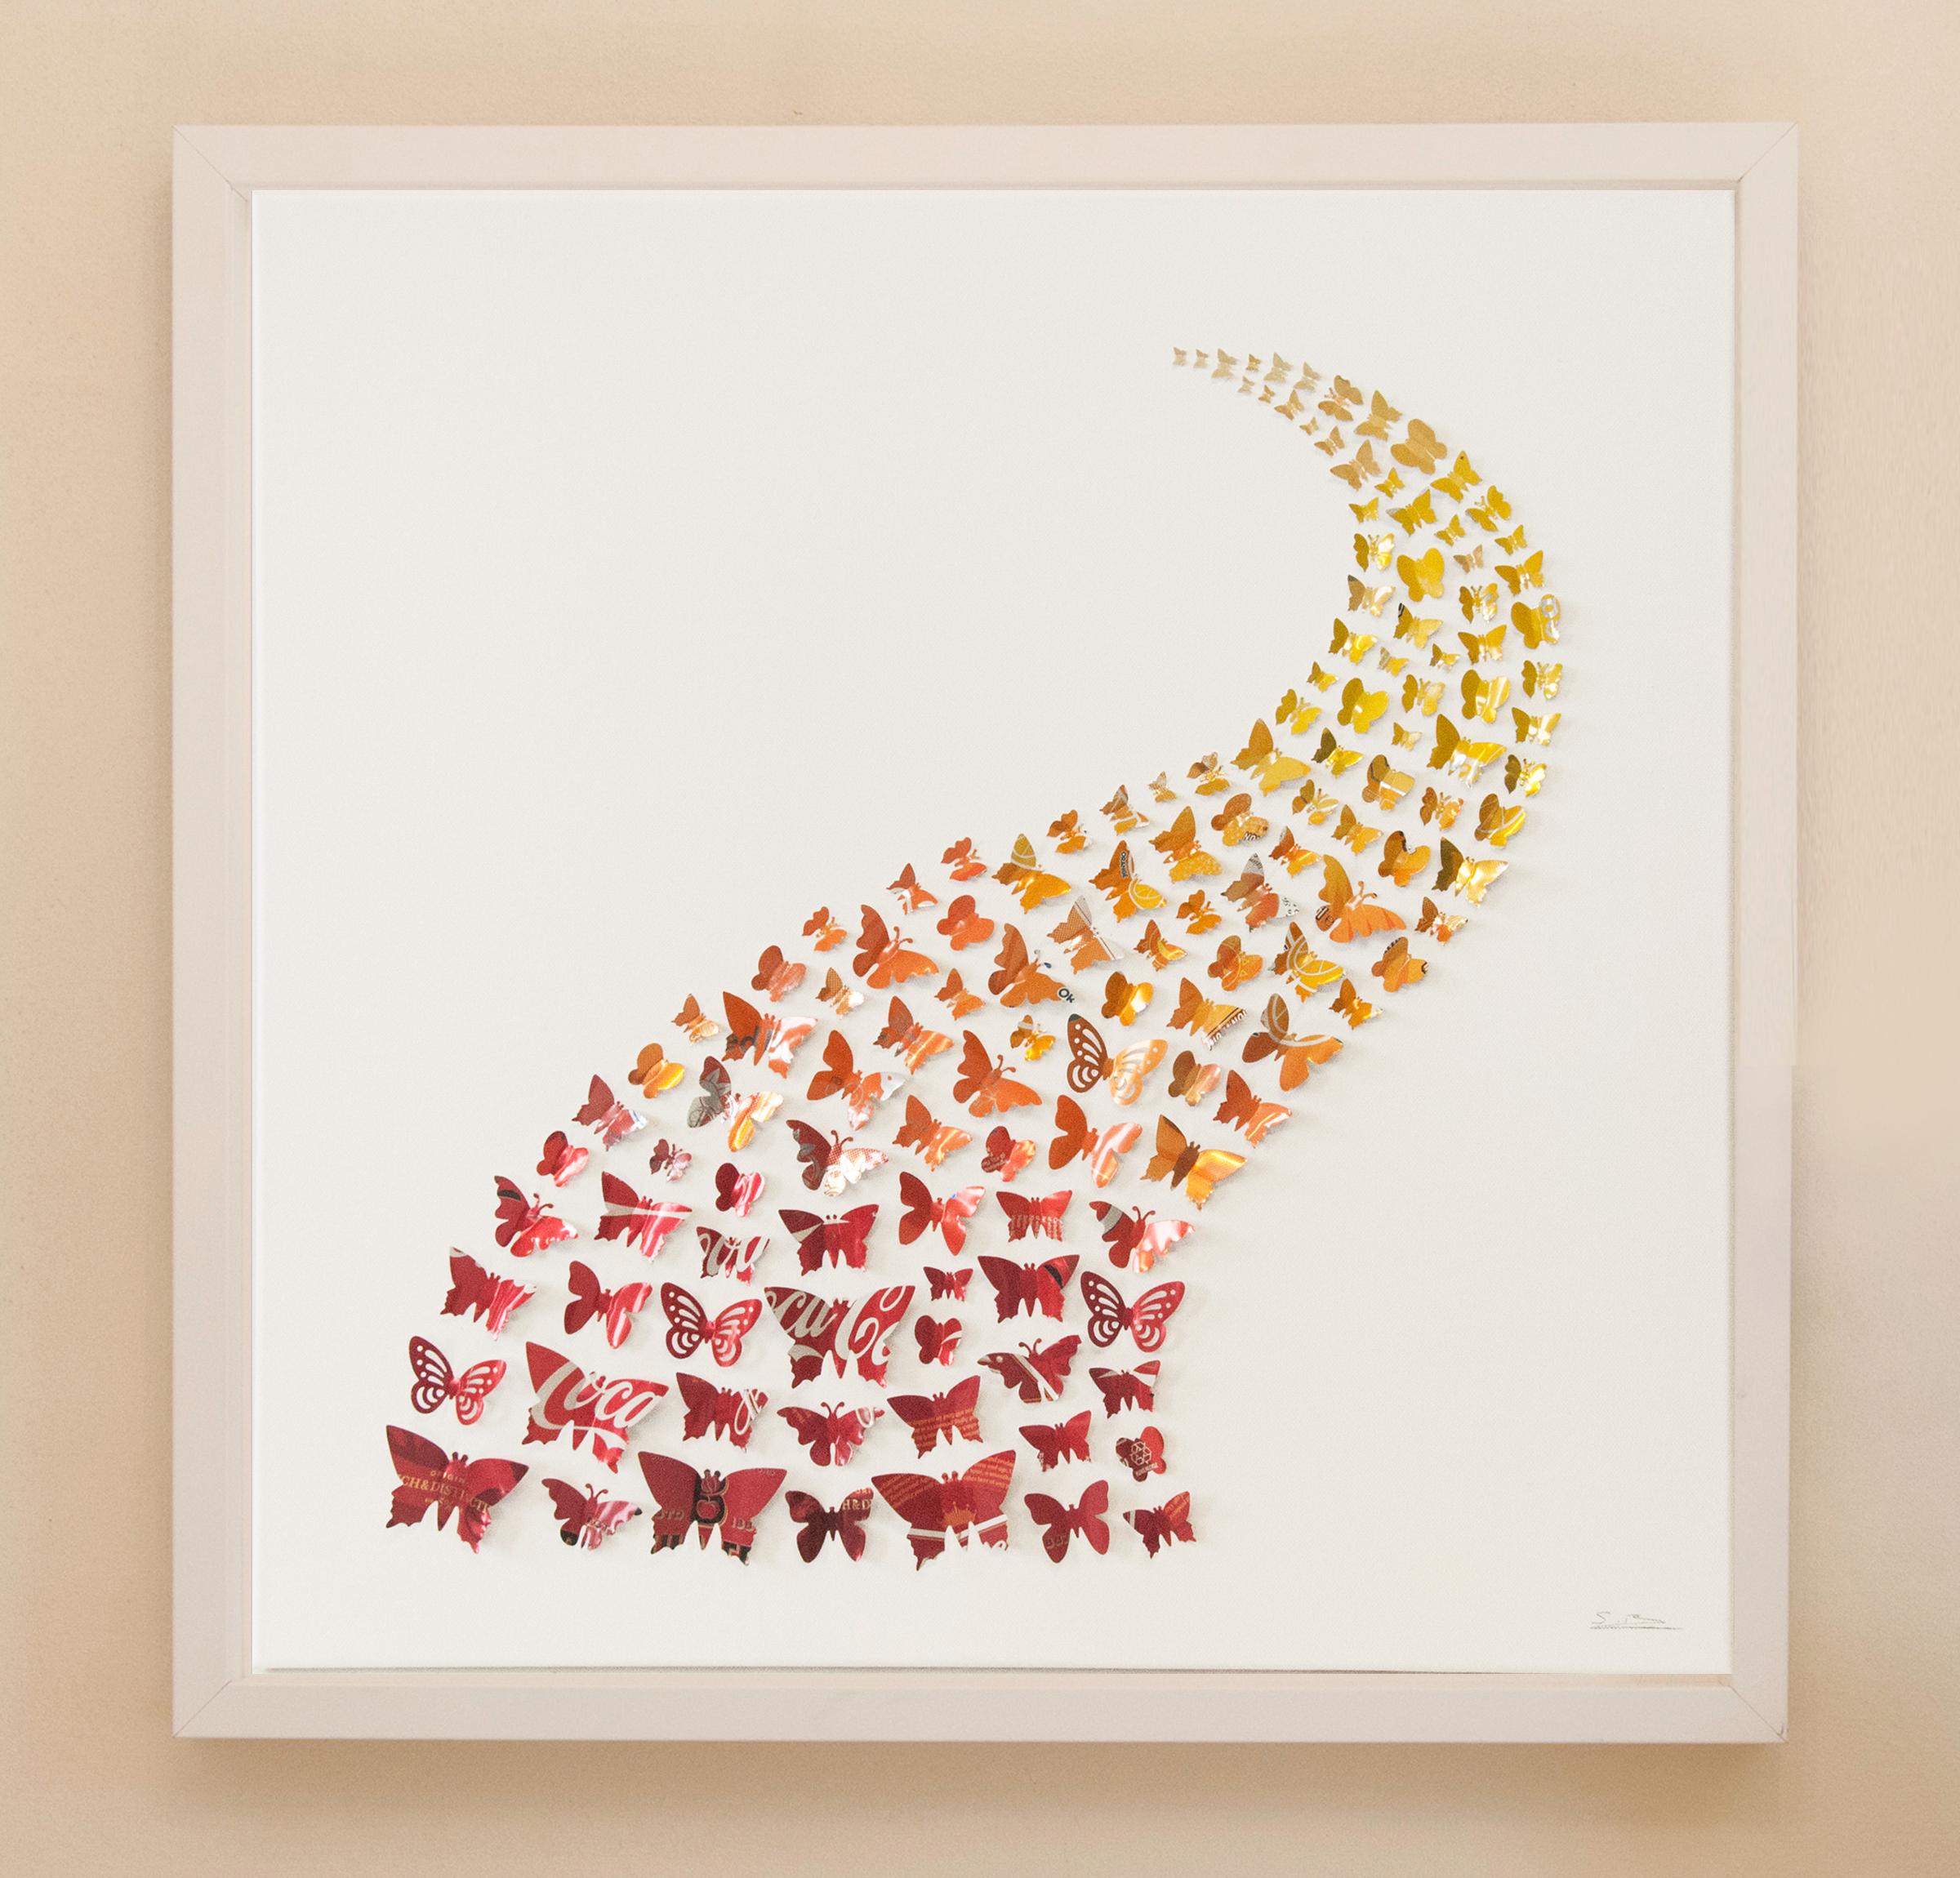 60cm x 60cm Red, Orange Swoosh